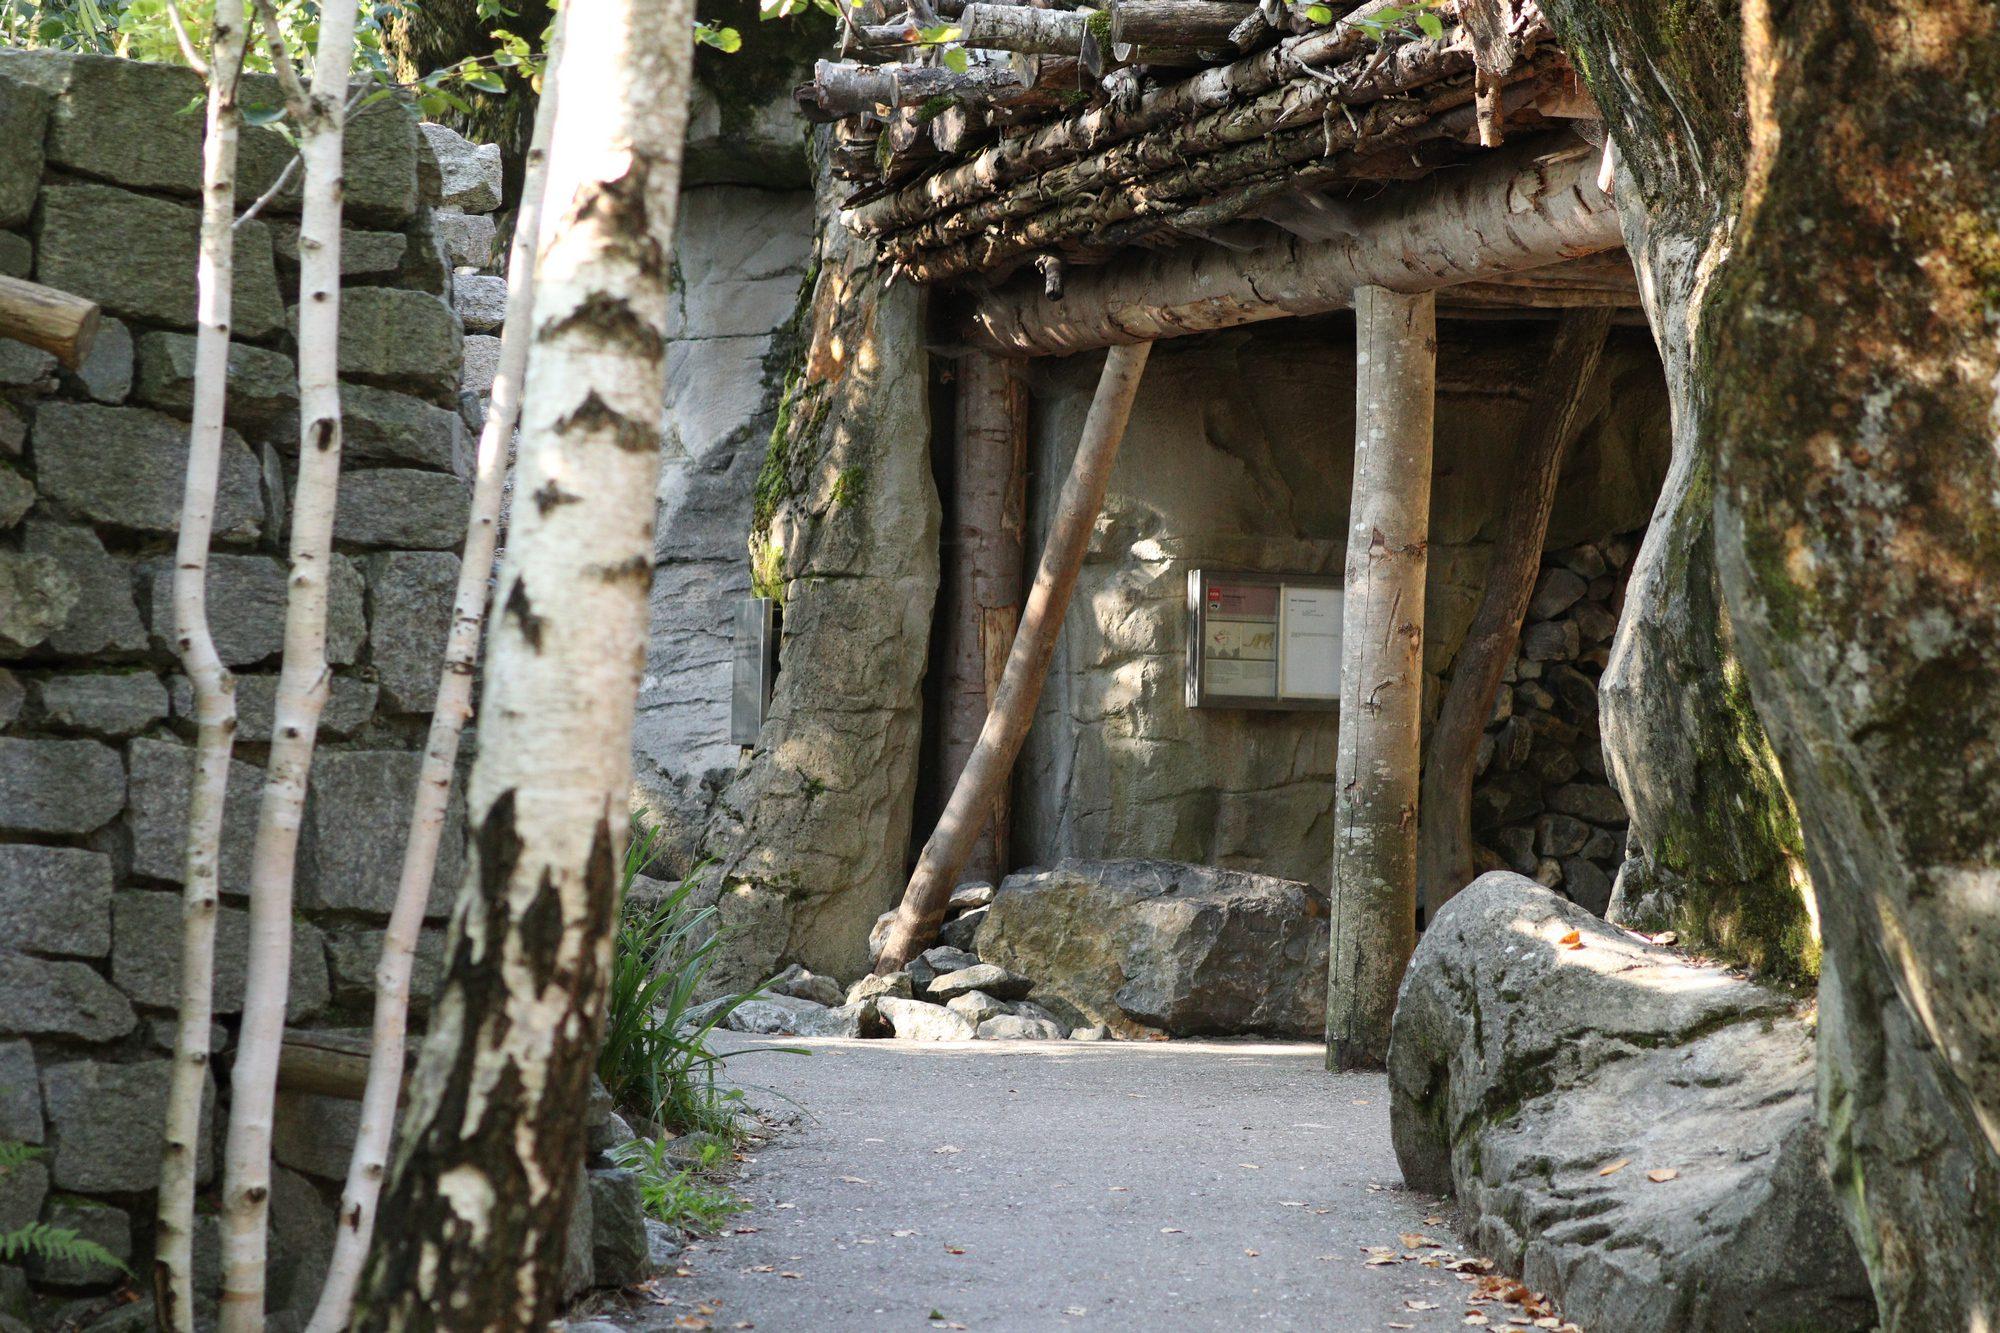 Besucherweg Schneeleopardenanlage Zoo Zürich